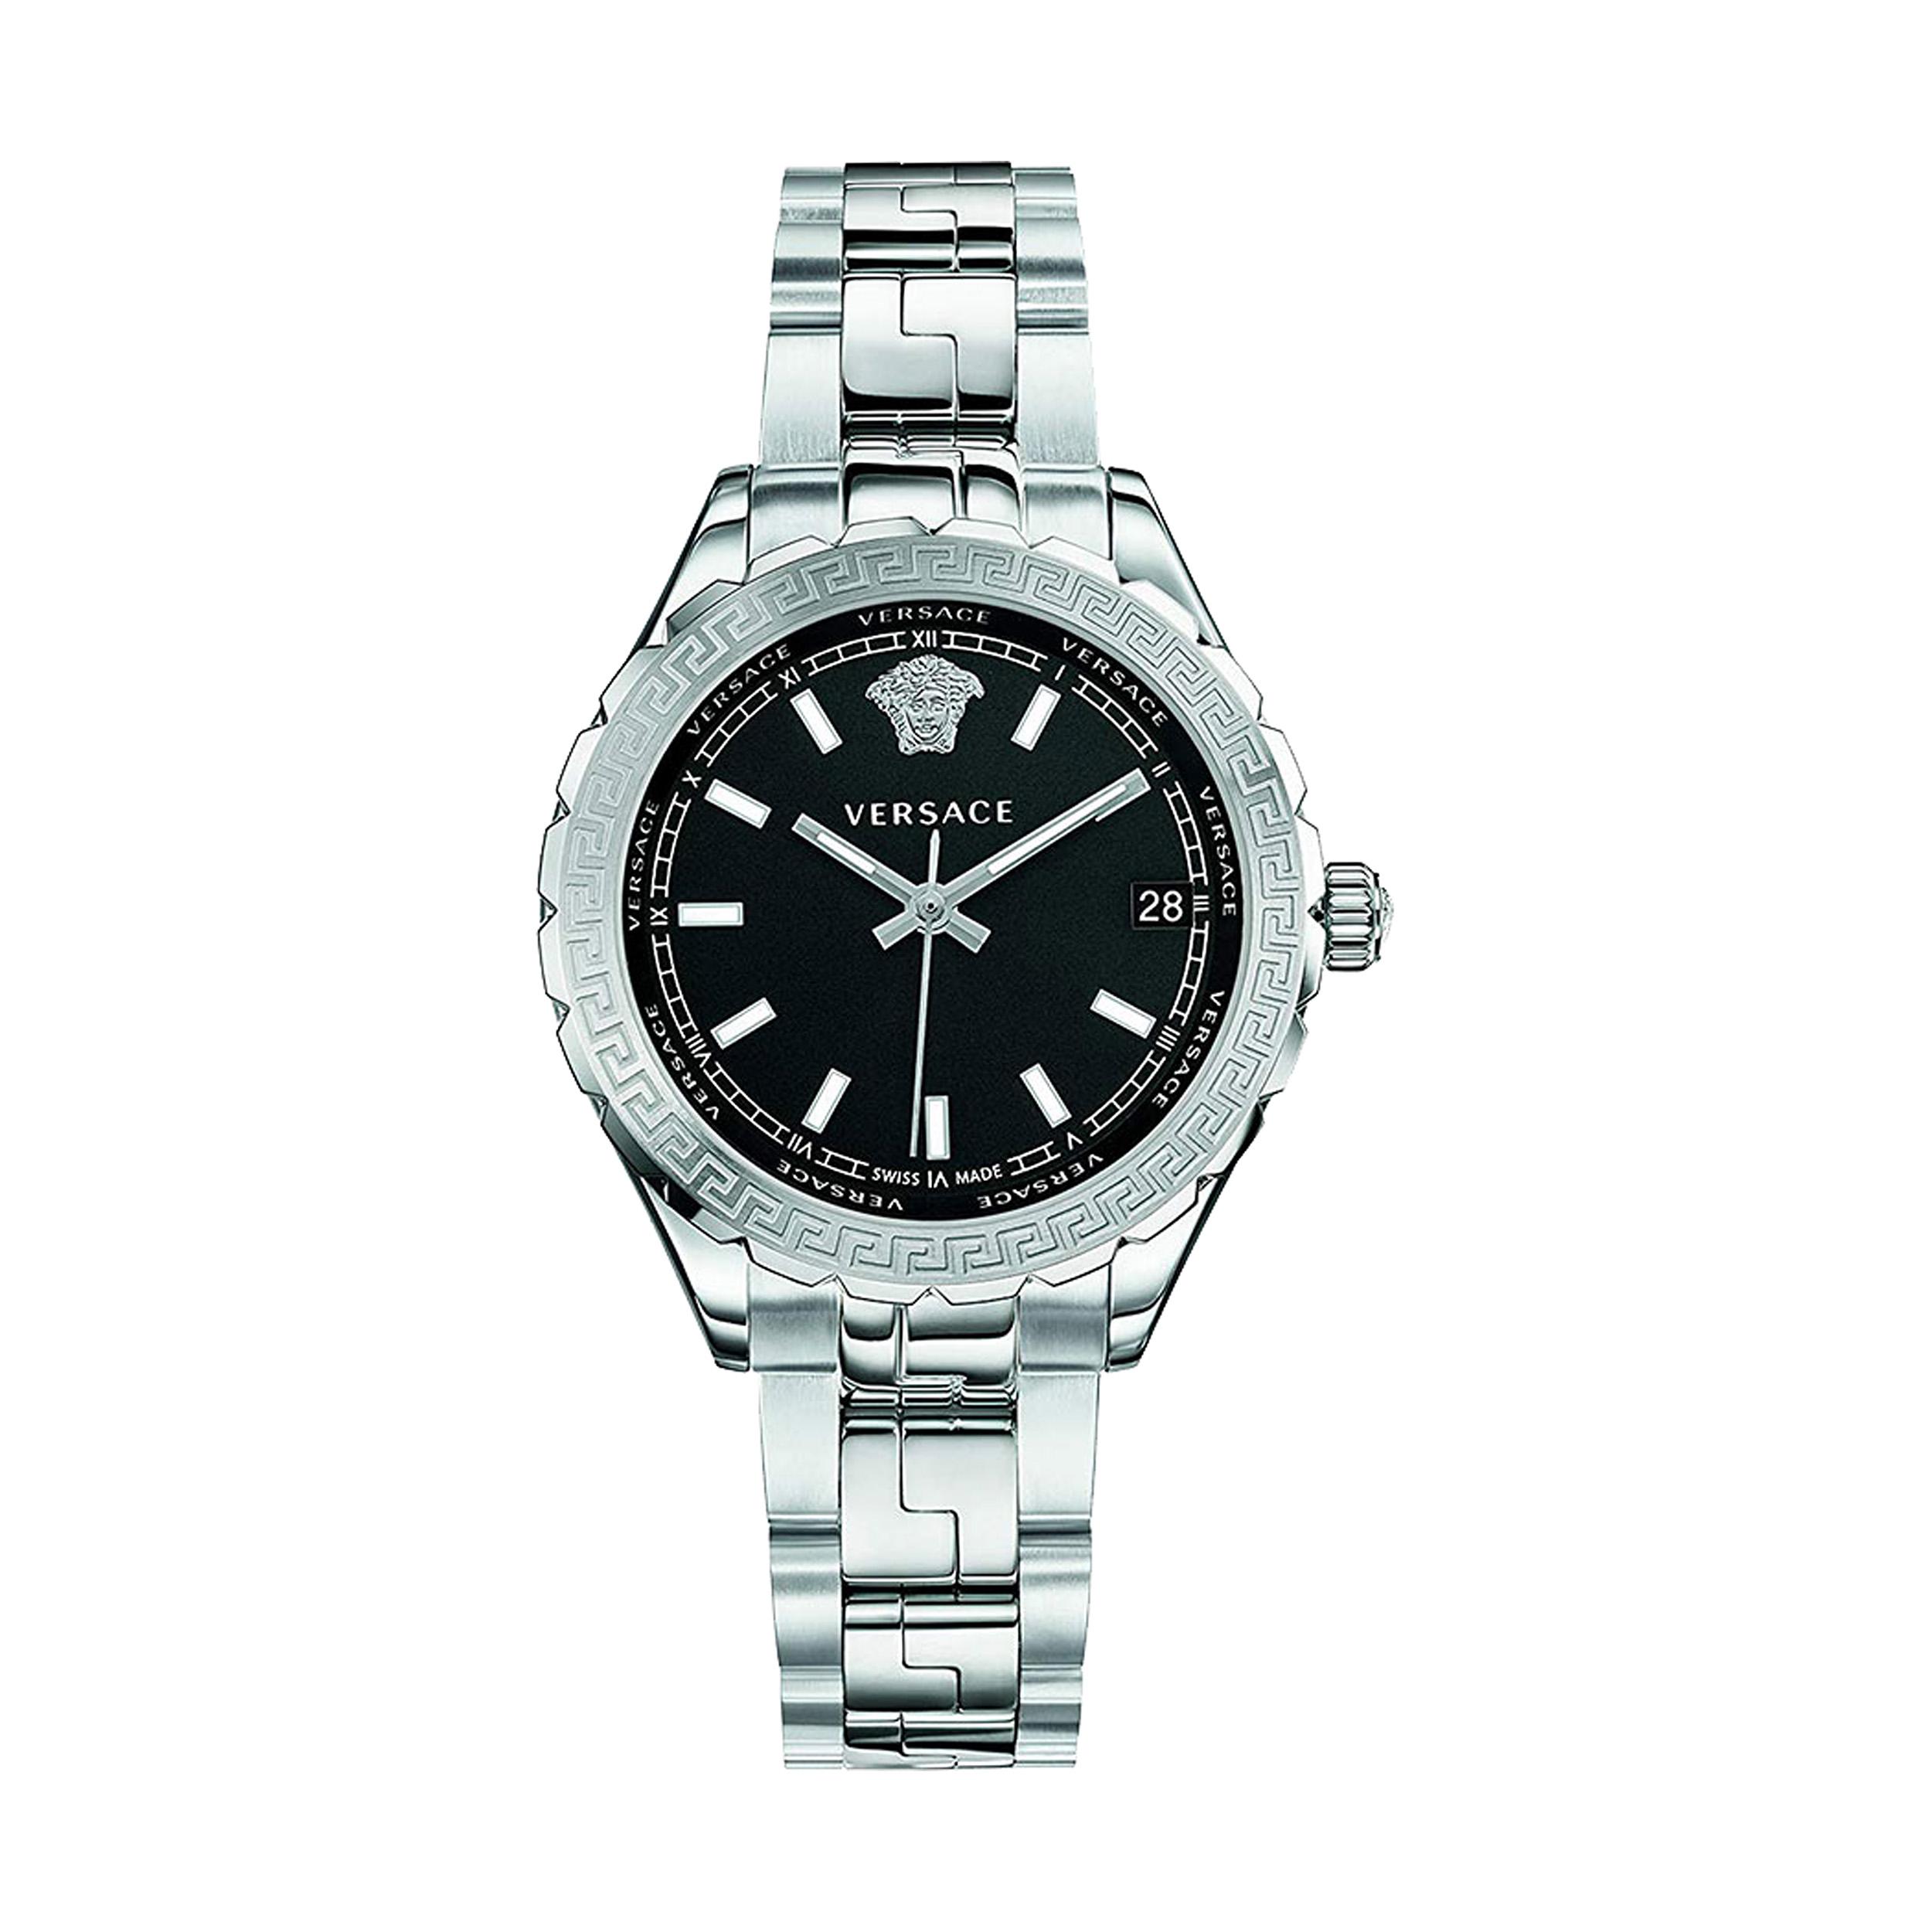 خرید ساعت مچی عقربه ای زنانه ورساچه مدل V12020015